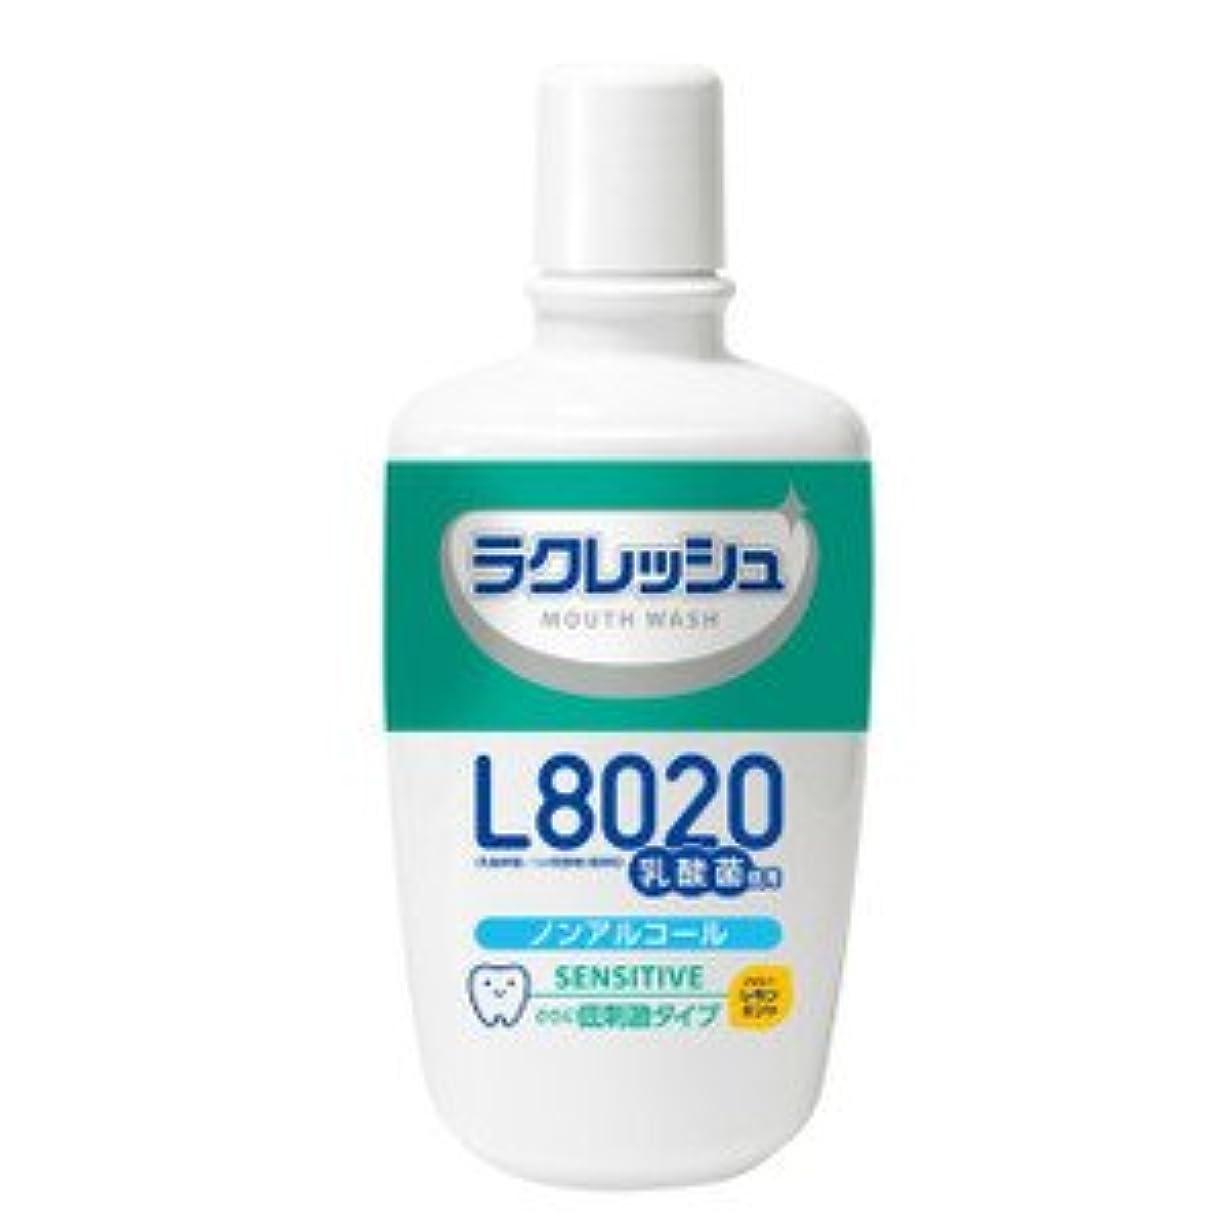 うぬぼれた労働脚ジェクス ラクレッシュ L8020乳酸菌 マウスウォッシュ 洗口液センシティブタイプ 300ml×10個セット